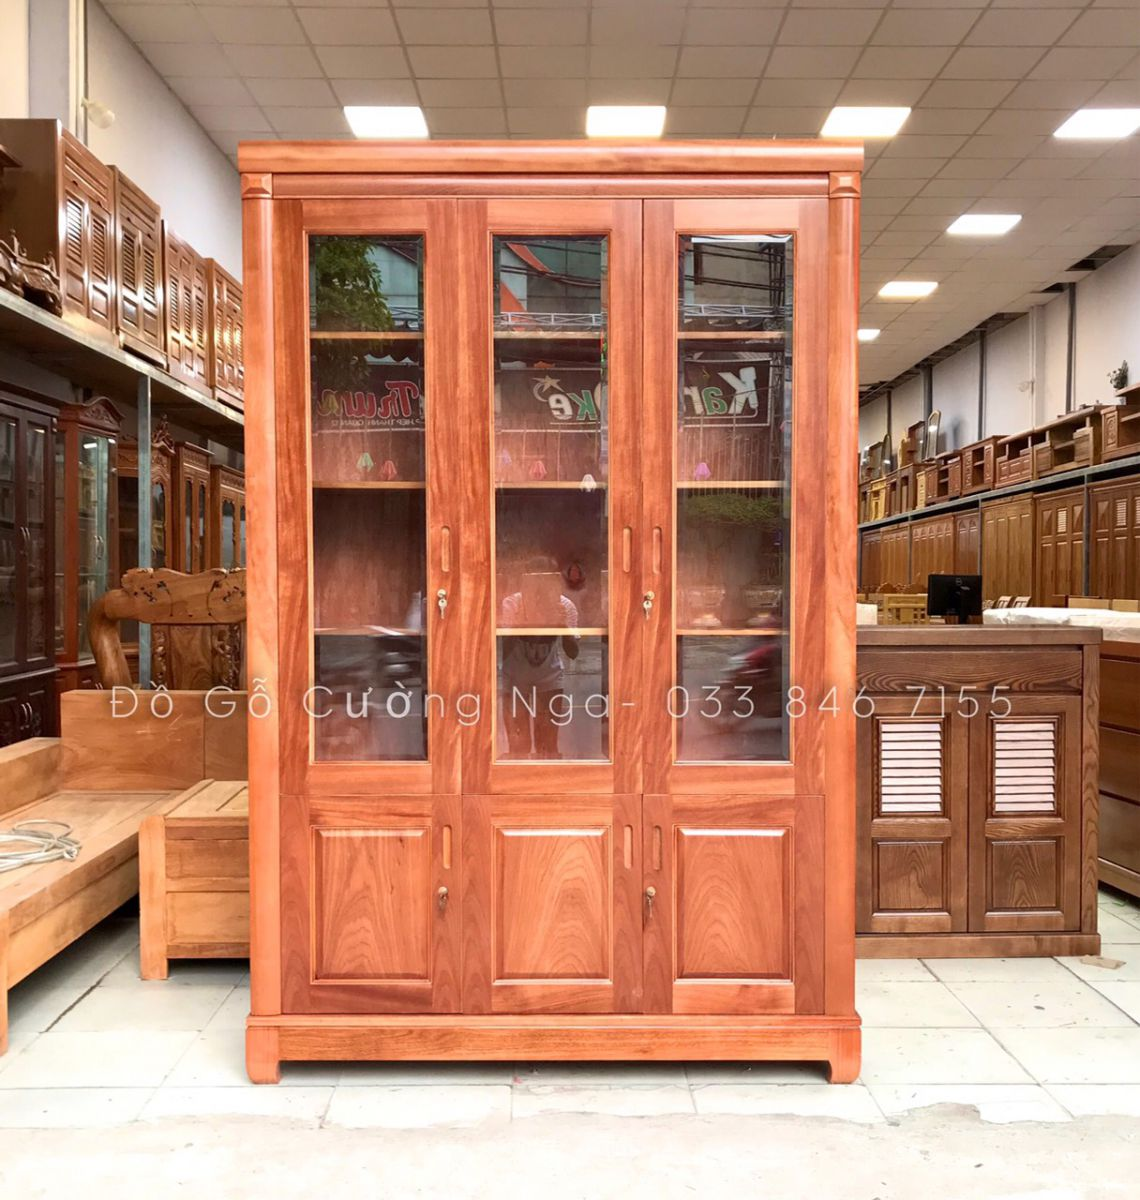 Tủ dựng hồ sơ gỗ xoan đào 3 cánh 1m4 - nội thất văn phòng